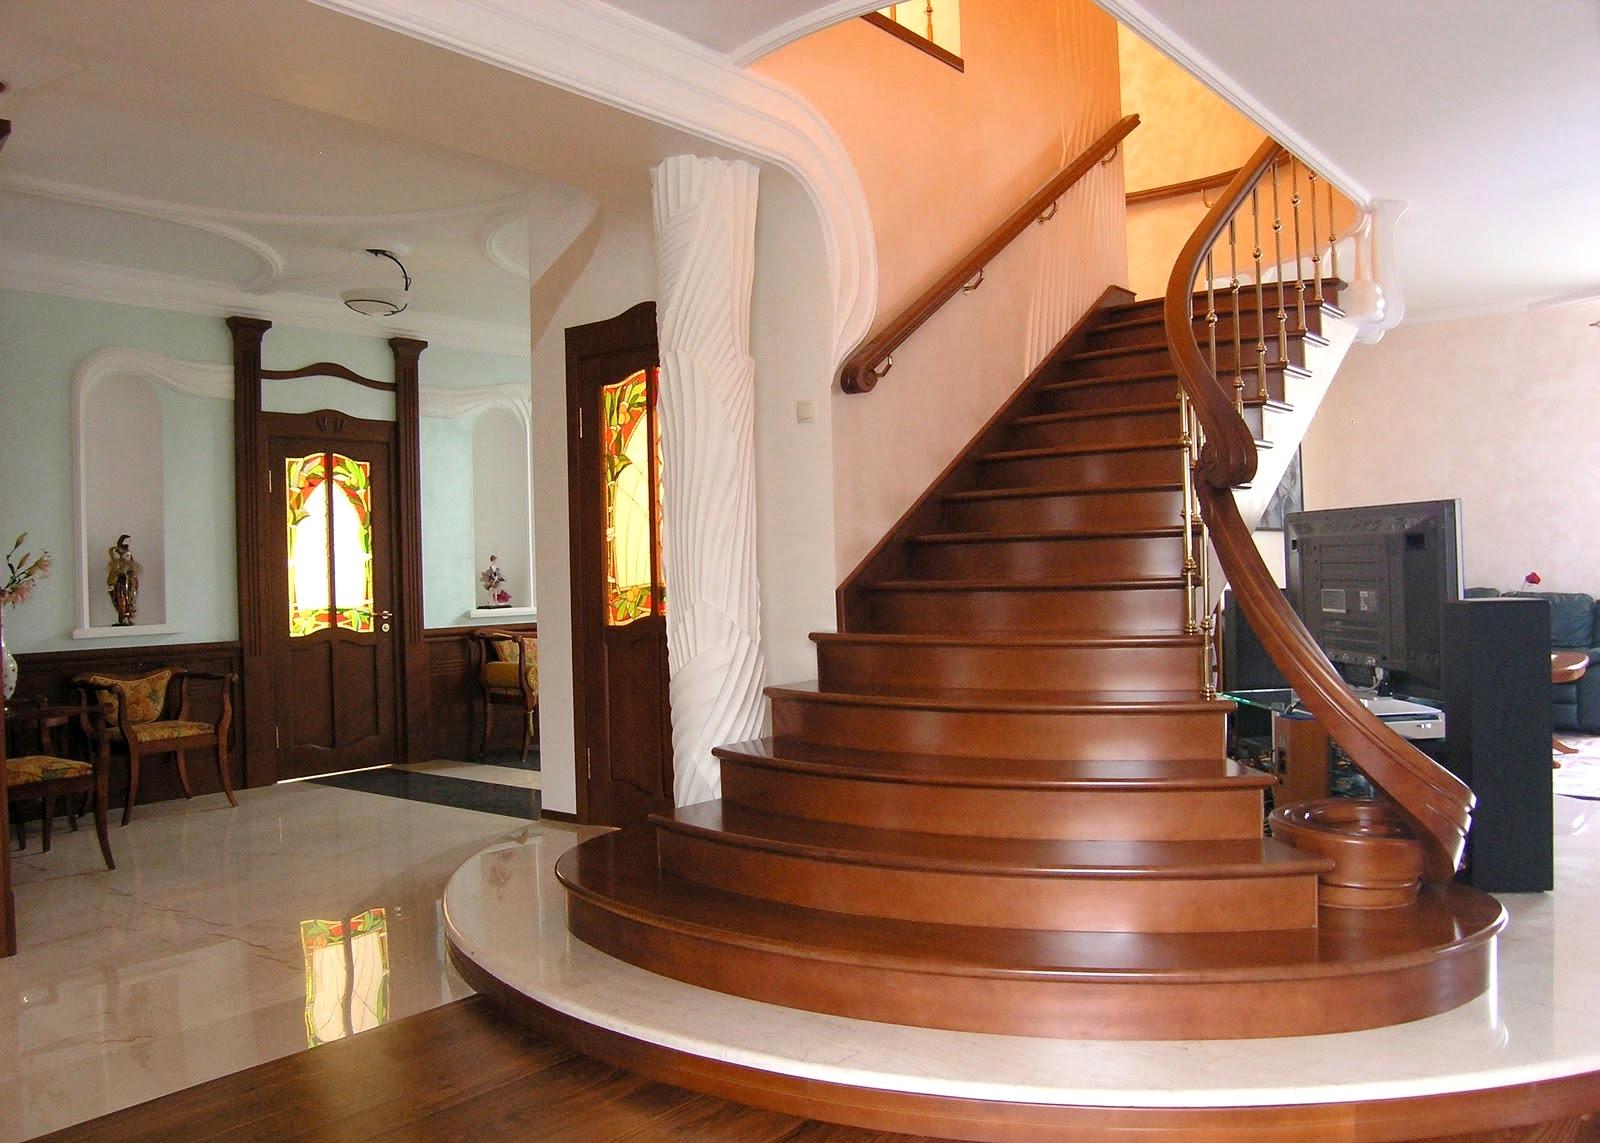 Какой Должна Быть Высота Перил на Лестнице: Нормативы